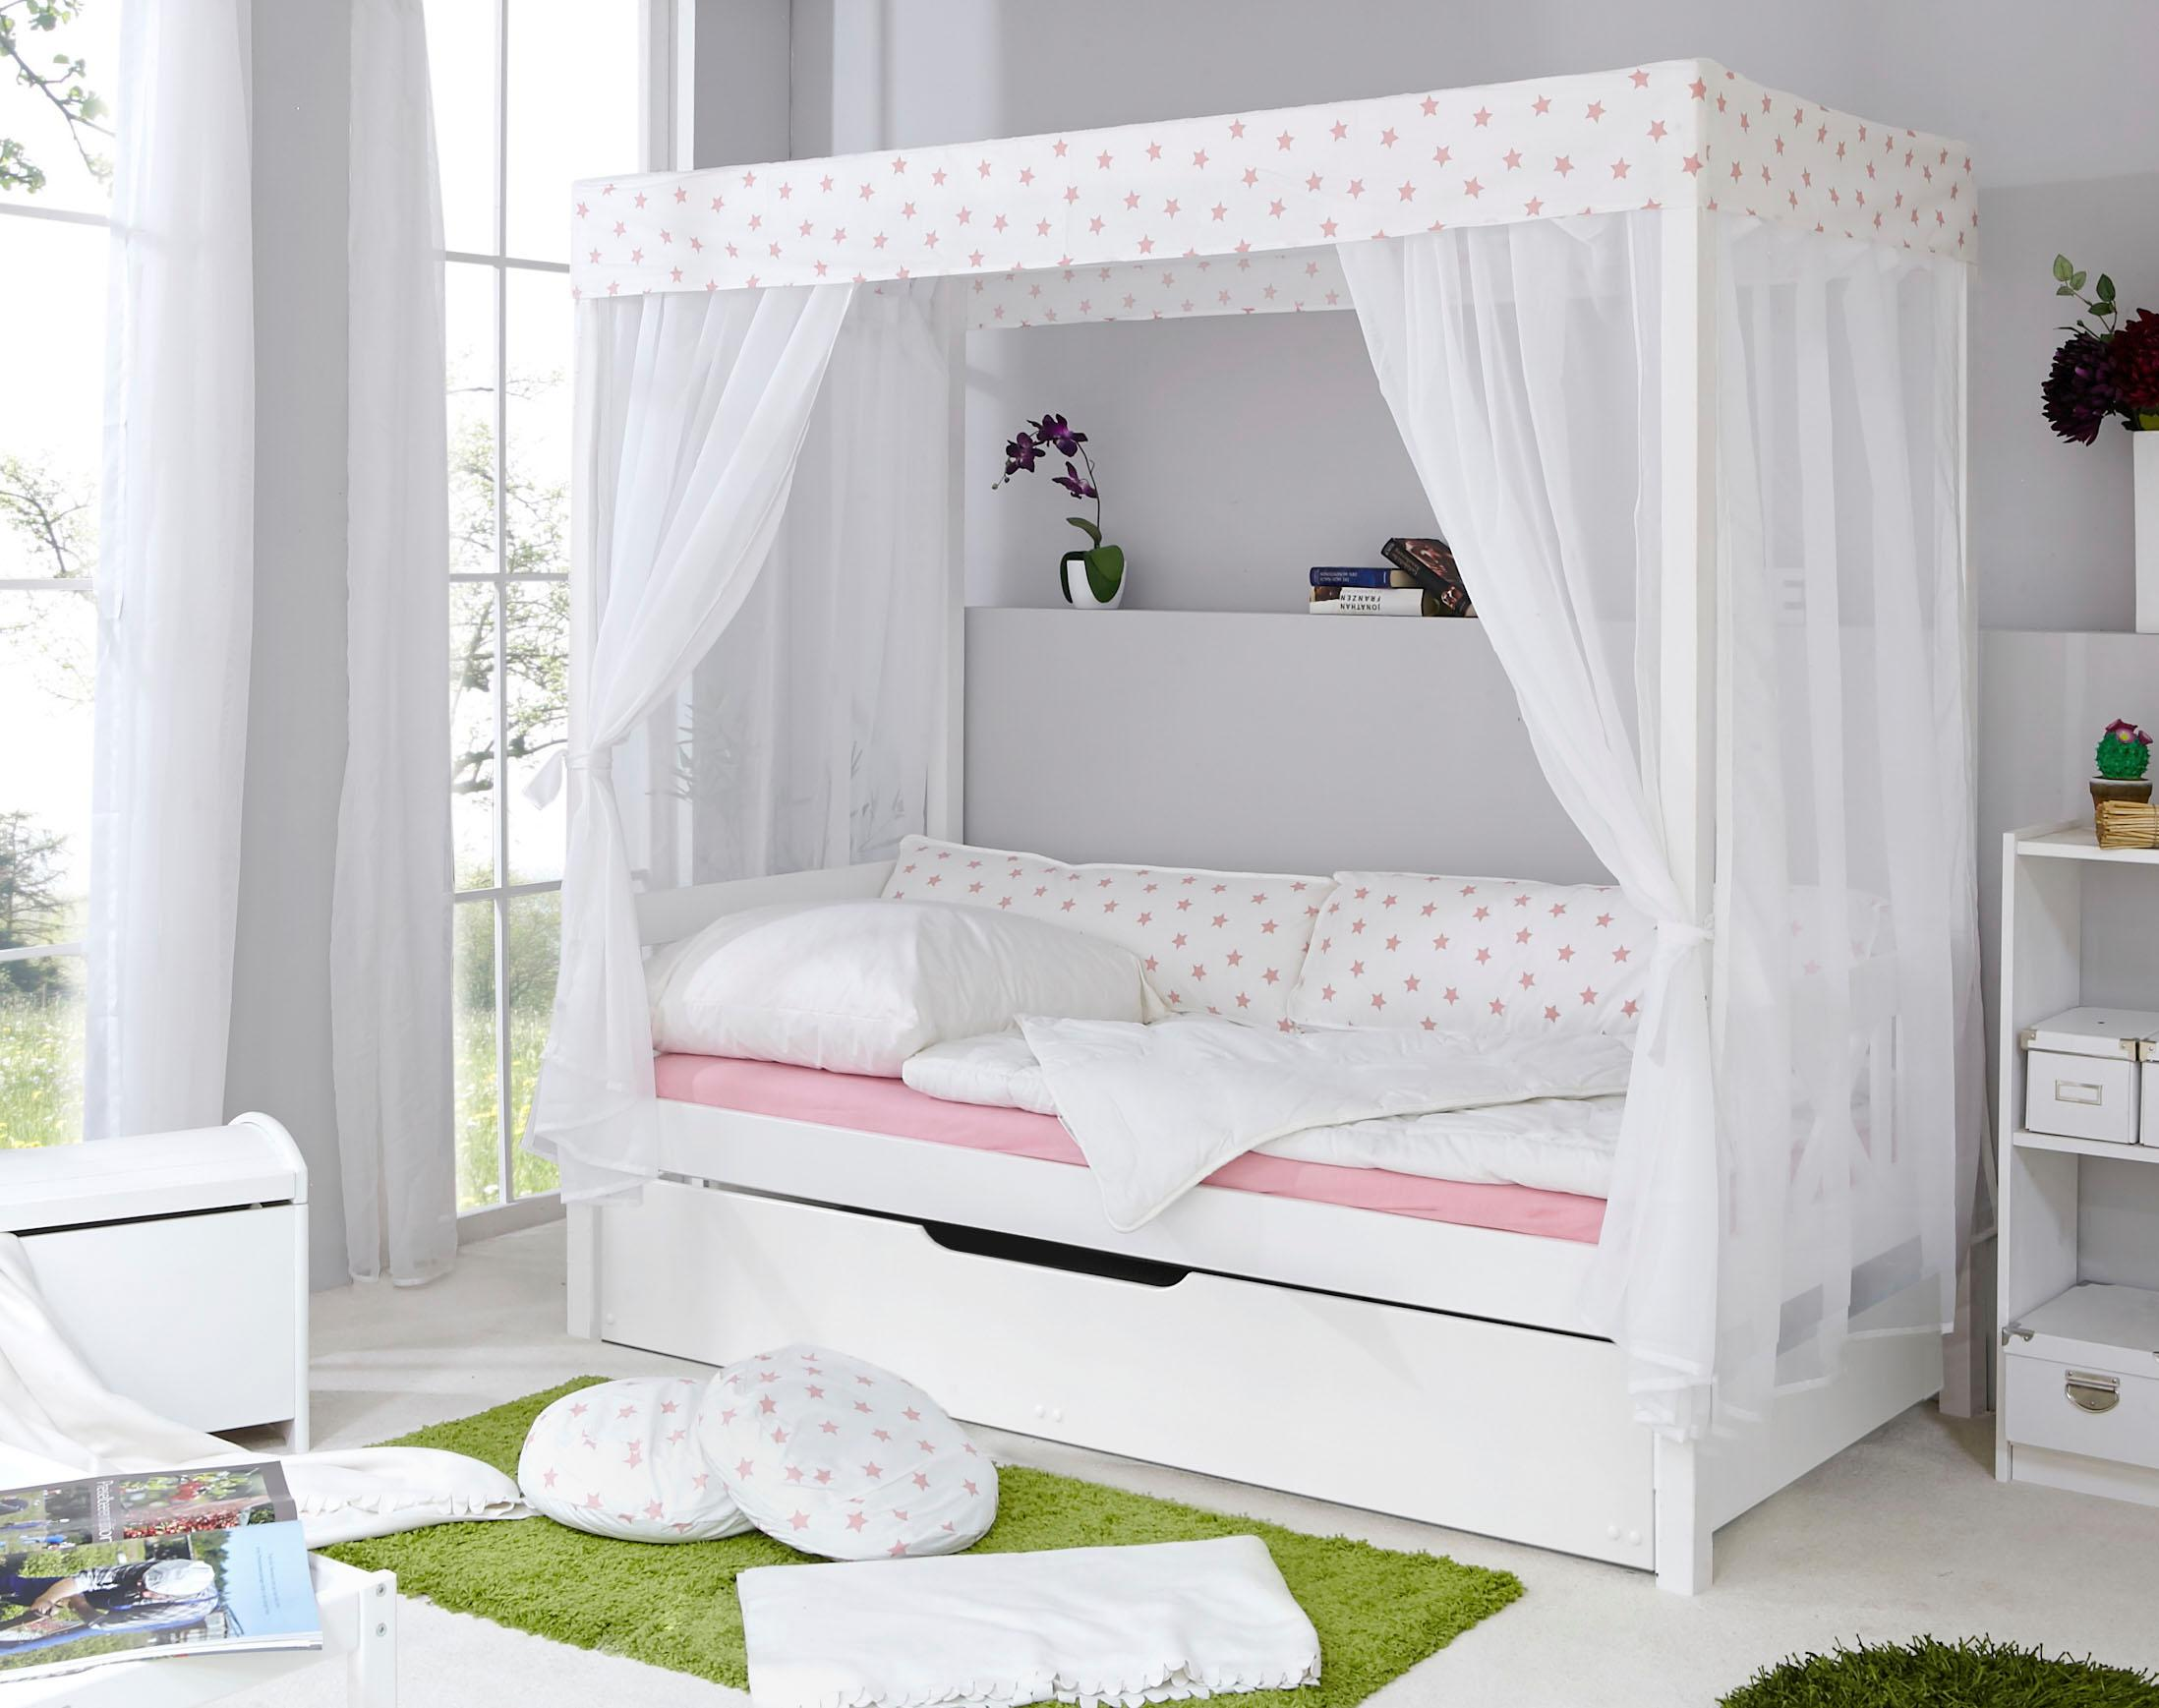 Ticaa Einzel-/Himmelbett Lino mit Bettschubkasten Marianne | Schlafzimmer > Betten > Himmelbetten | Weiß | Ticaa